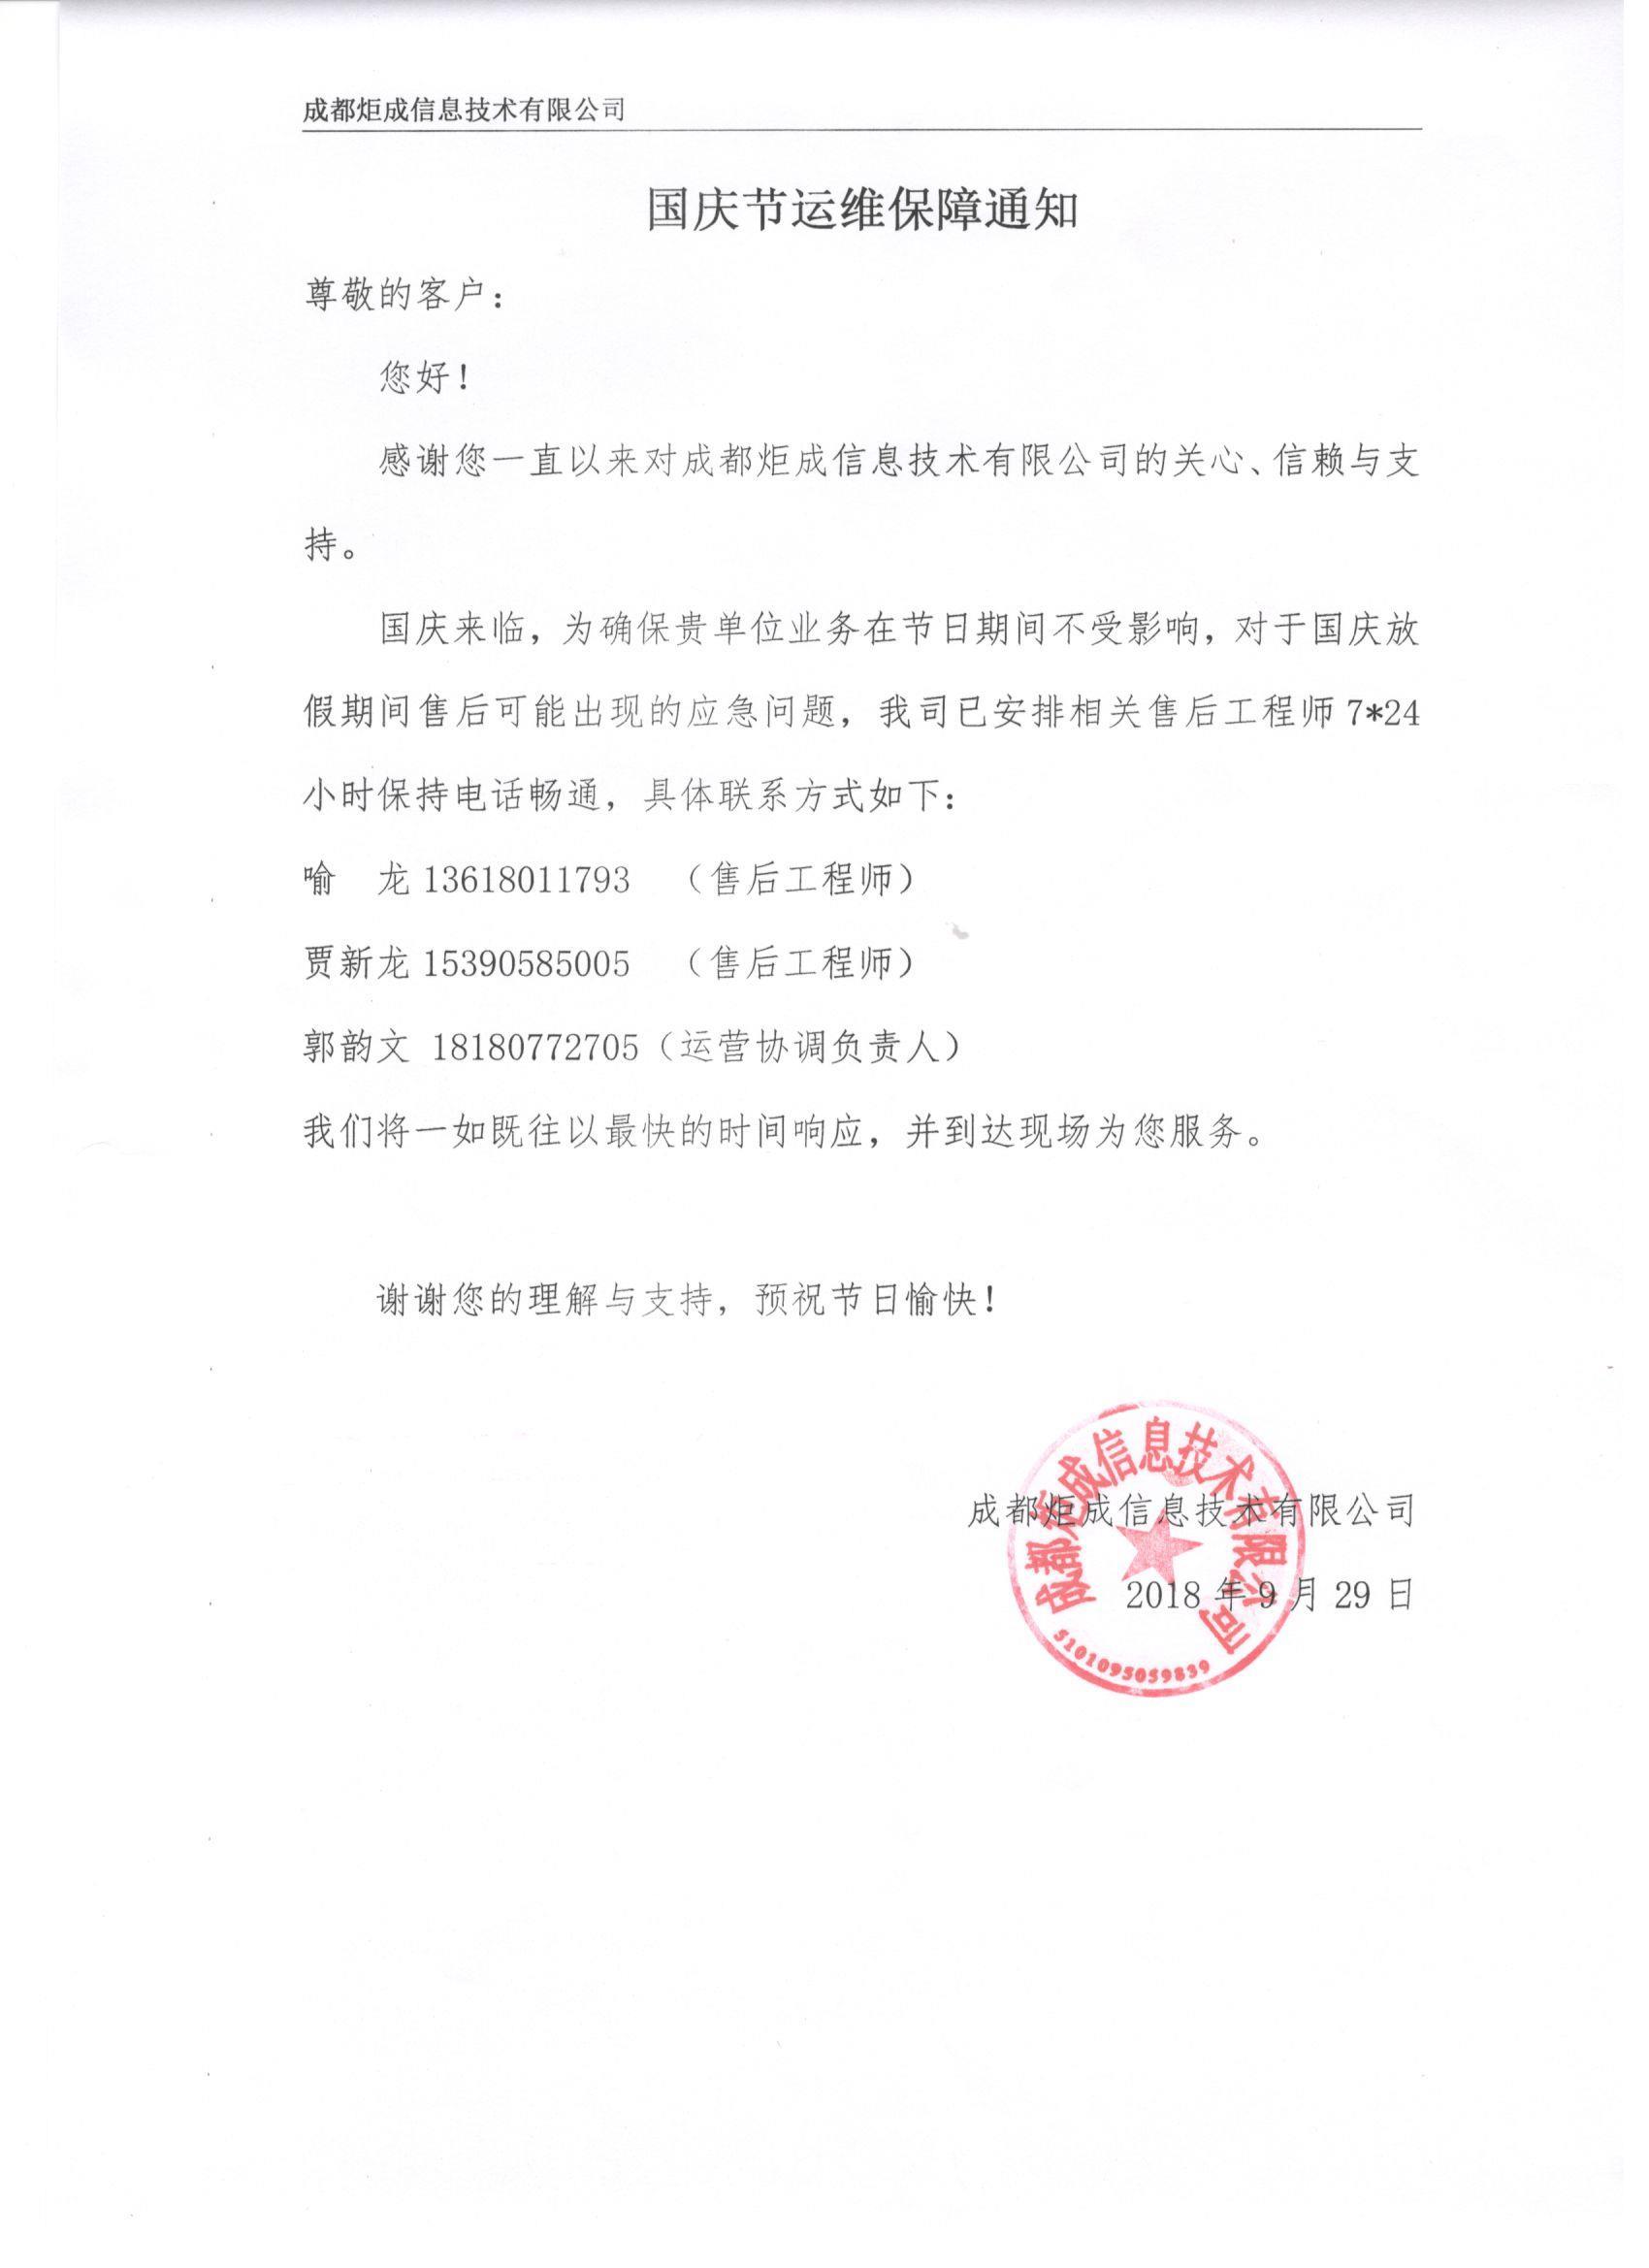 國慶運維保障通知掃面文件.jpg